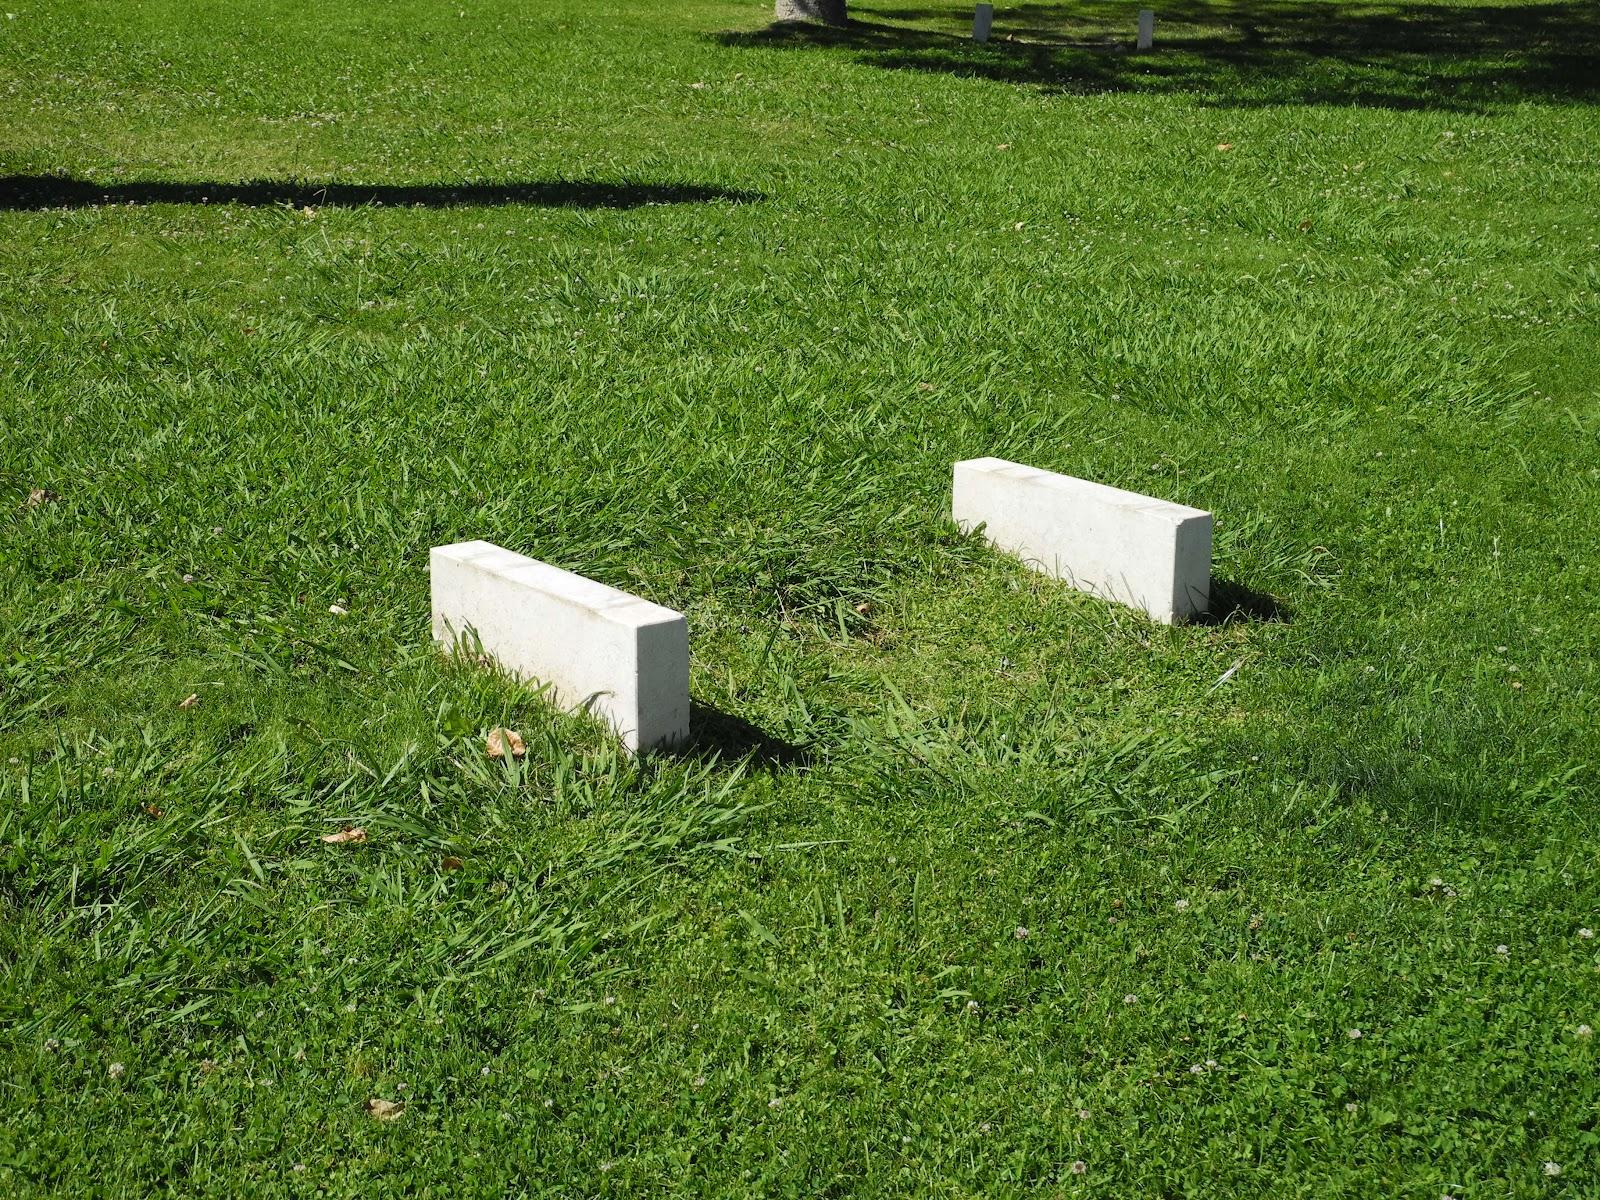 banco de jardim lisboa:assentos, os vários bancos de pedra na Praça de Londres, no jardim